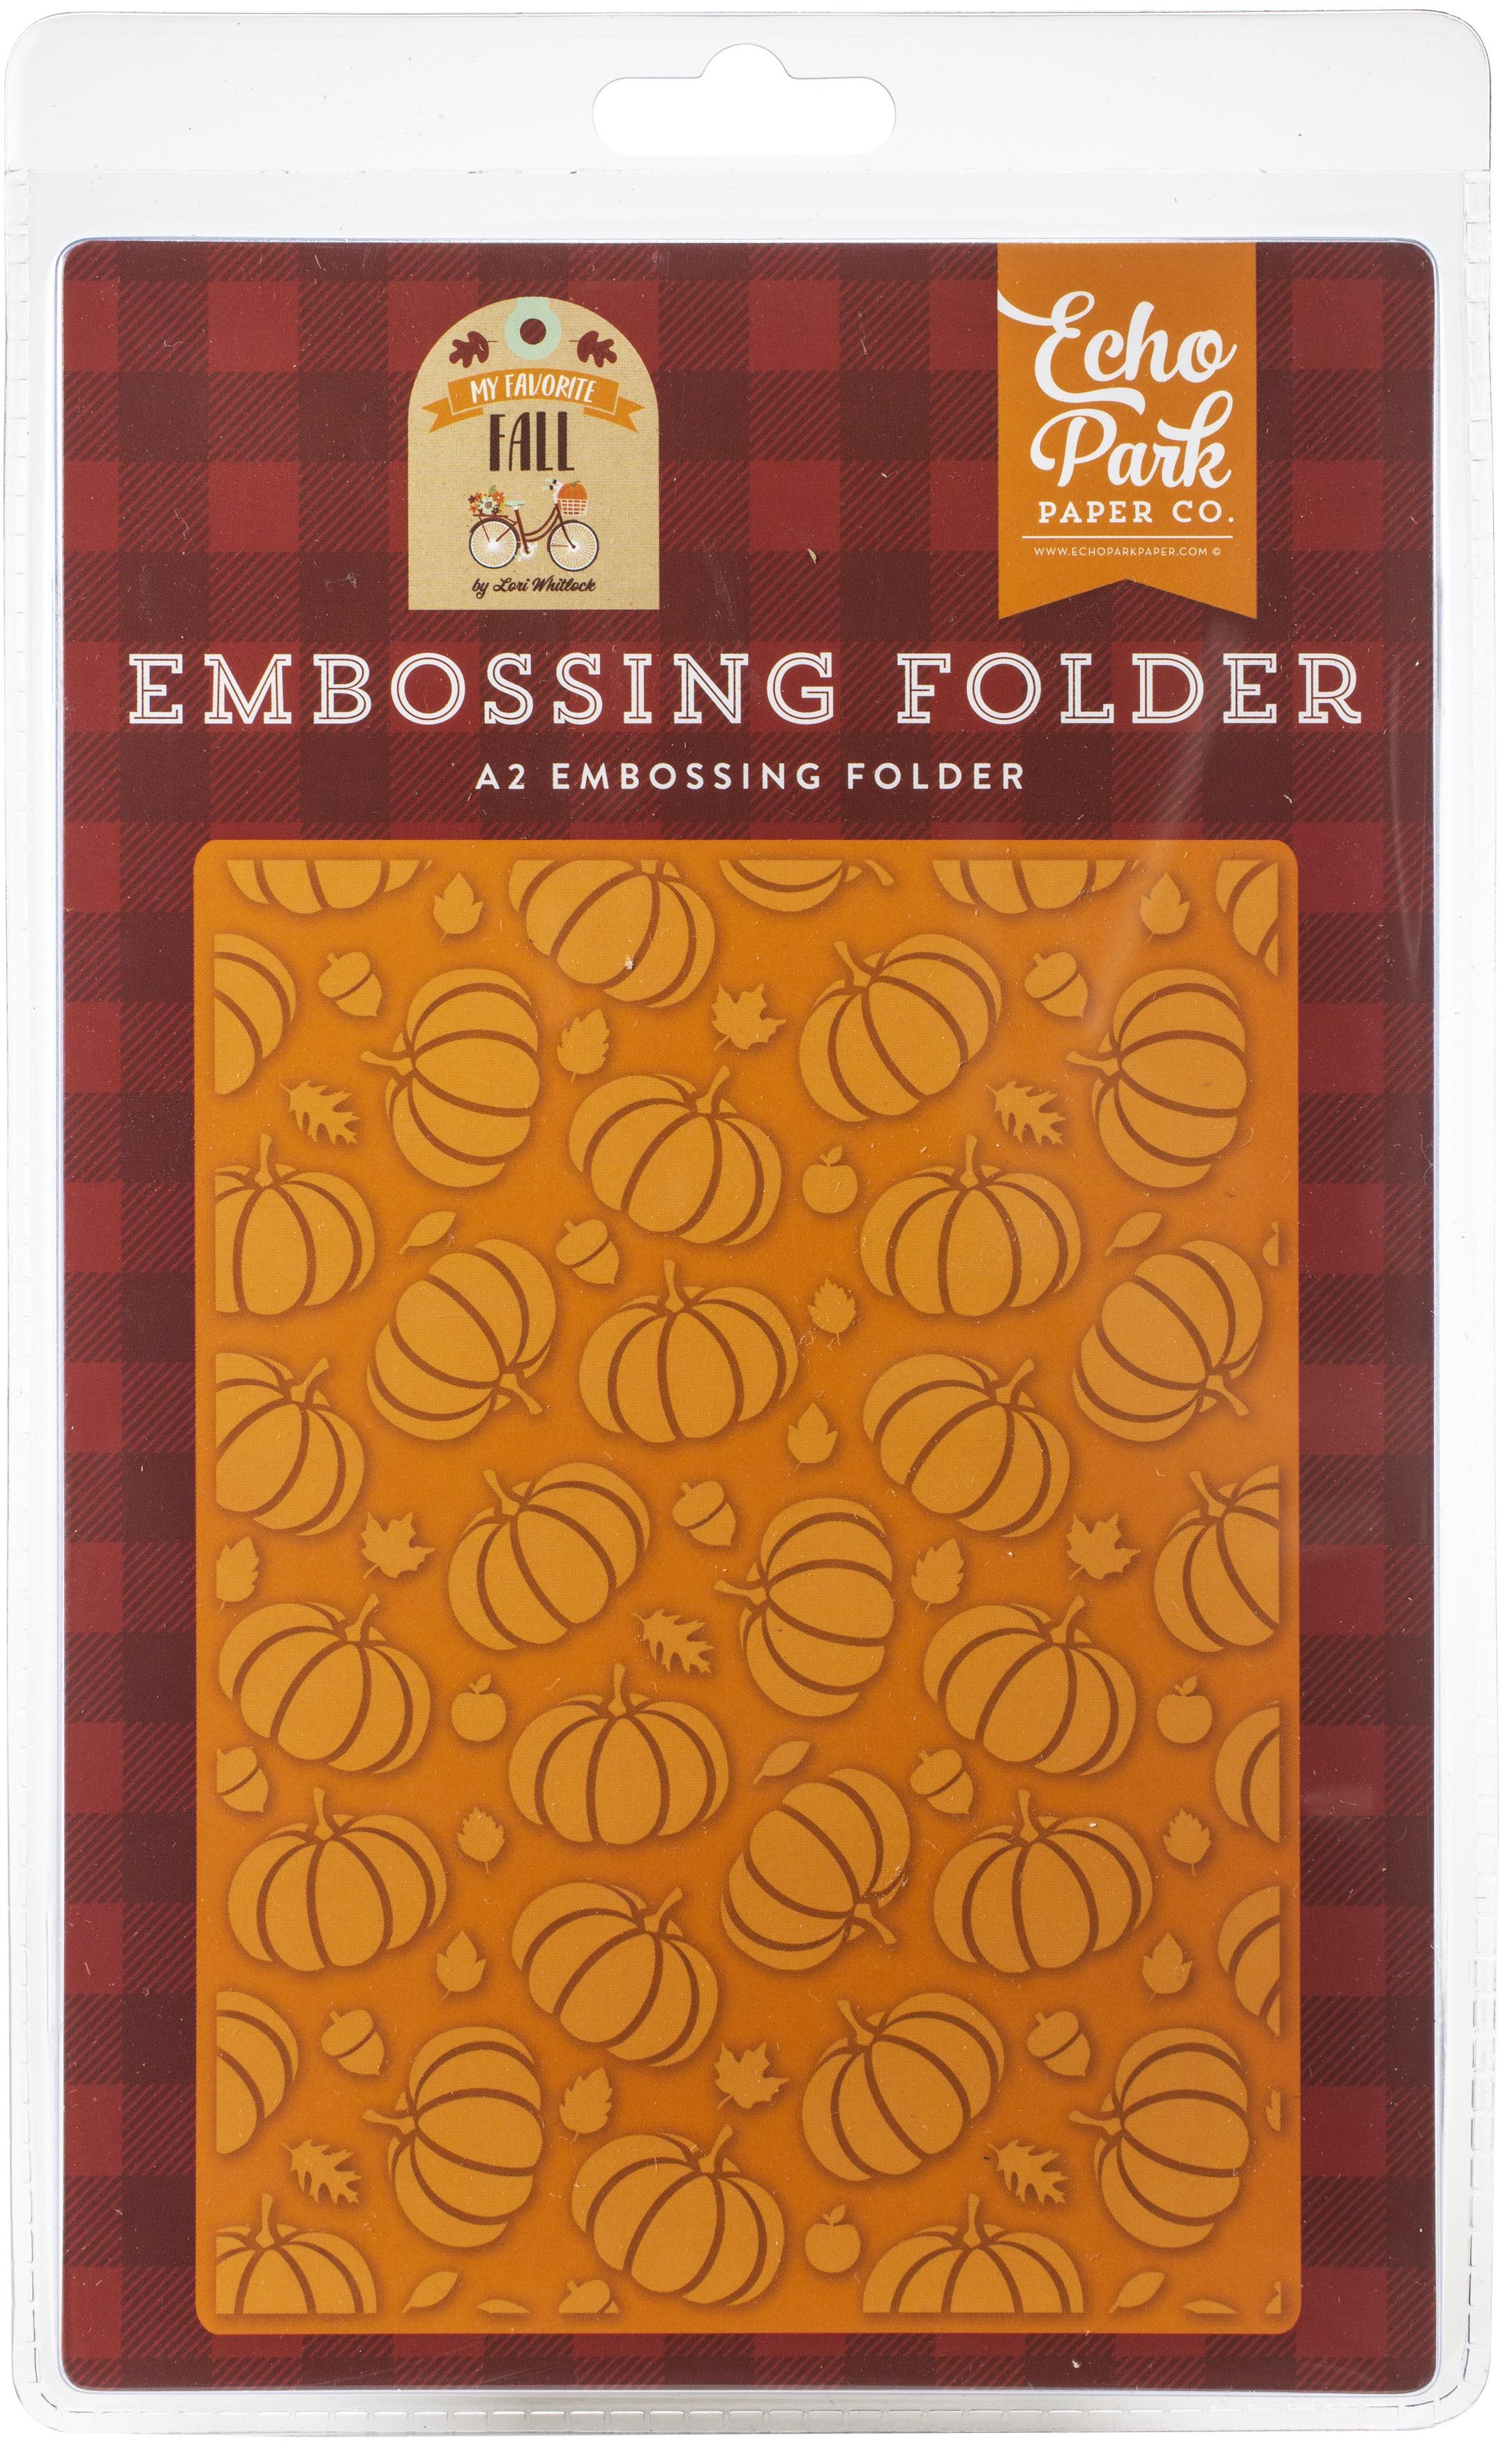 Echo Park Embossing Folder A2-Pumpkin Patch